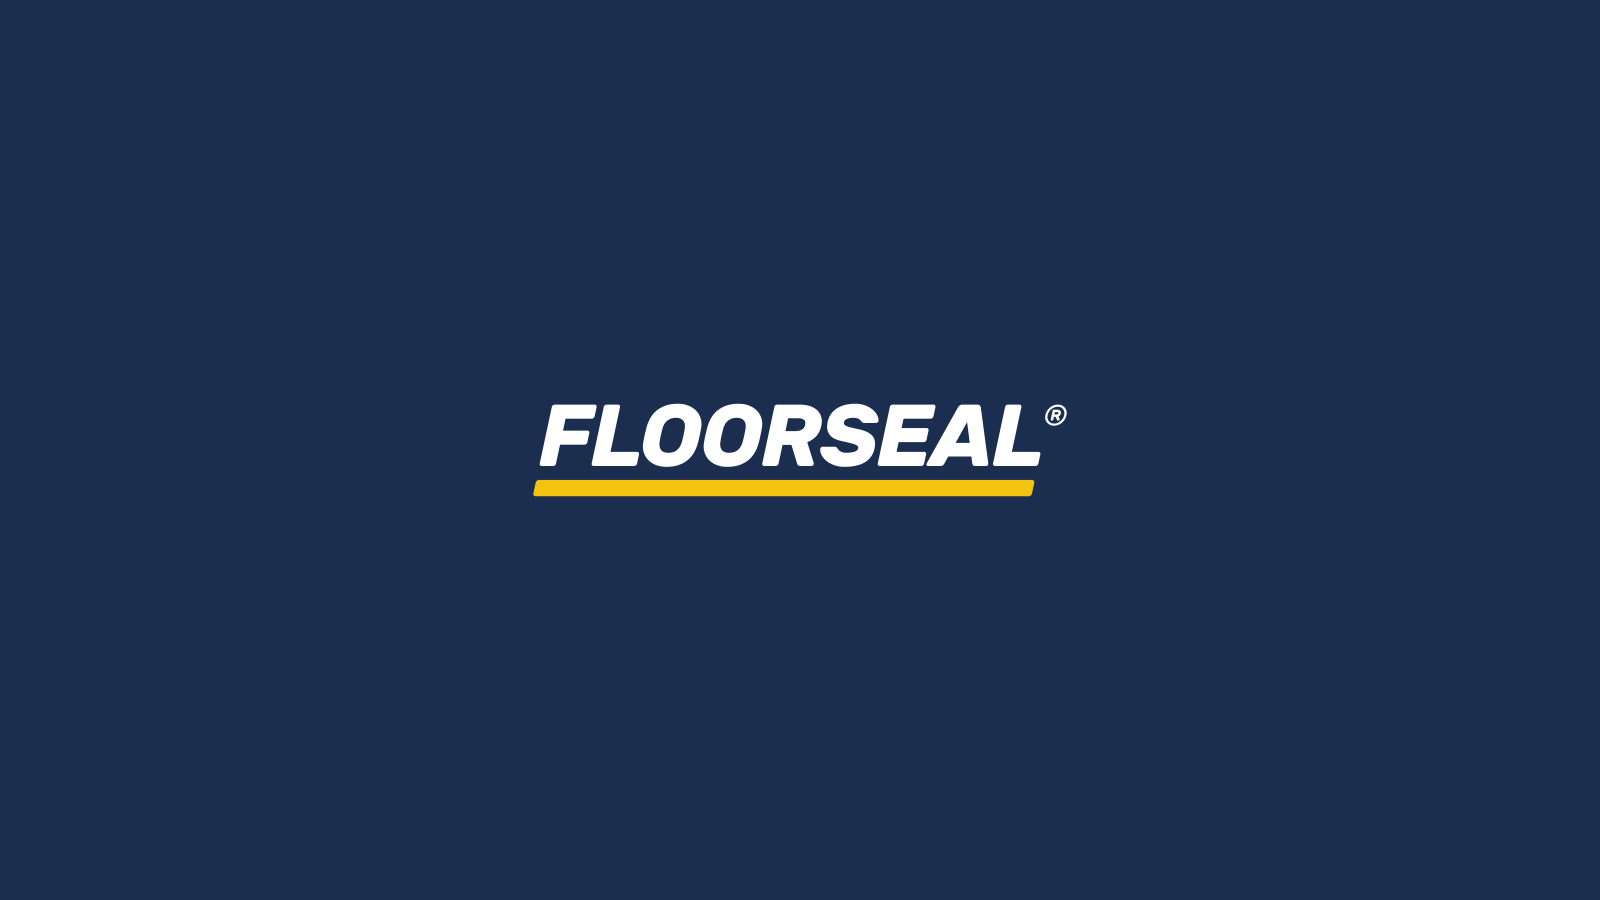 Floorseal Branding Design